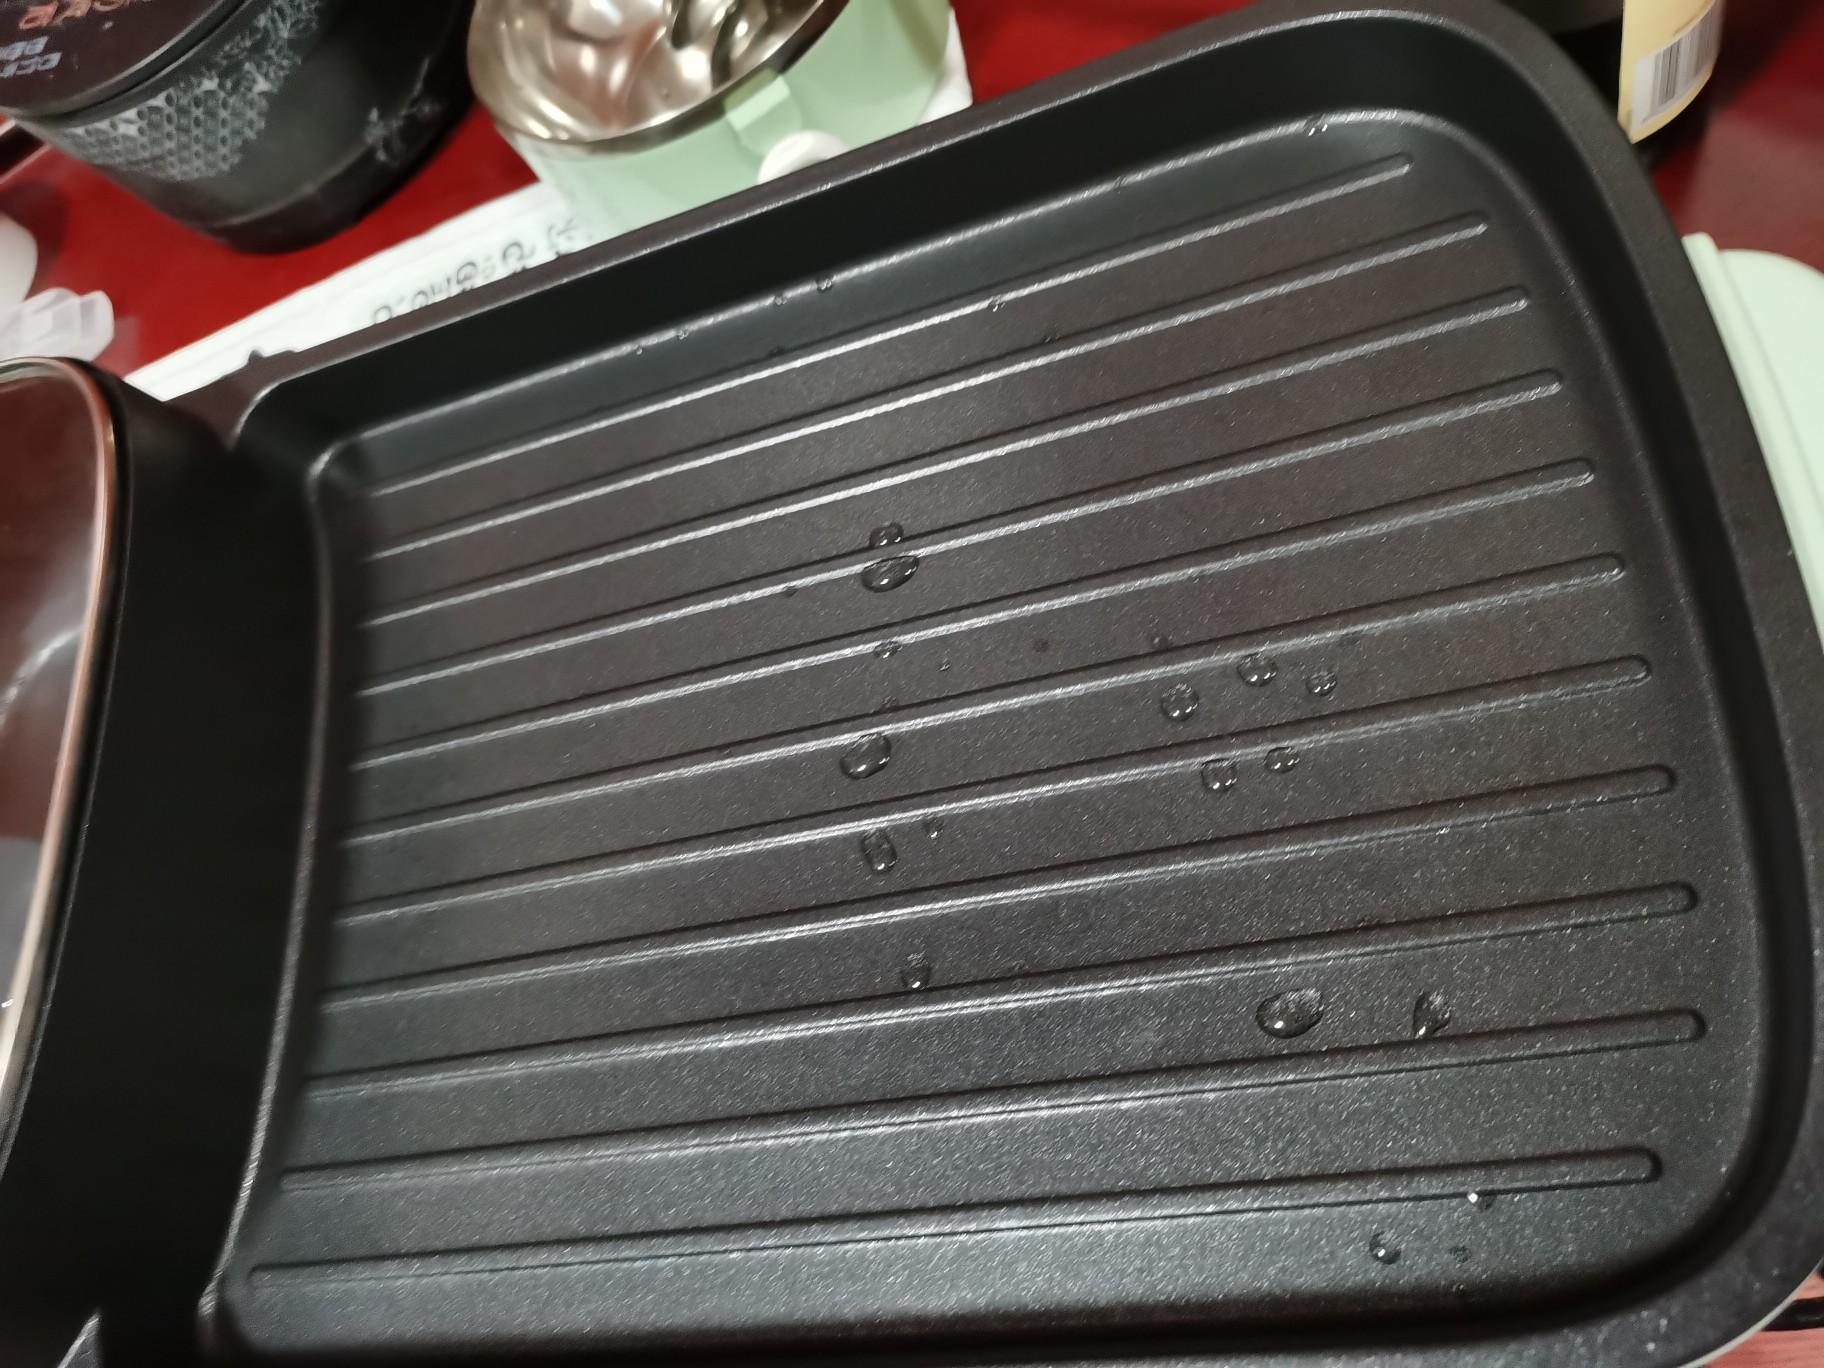 小熊烤肉机怎么样?小熊烧烤炉d12a1和d12m6?怎么买合适?